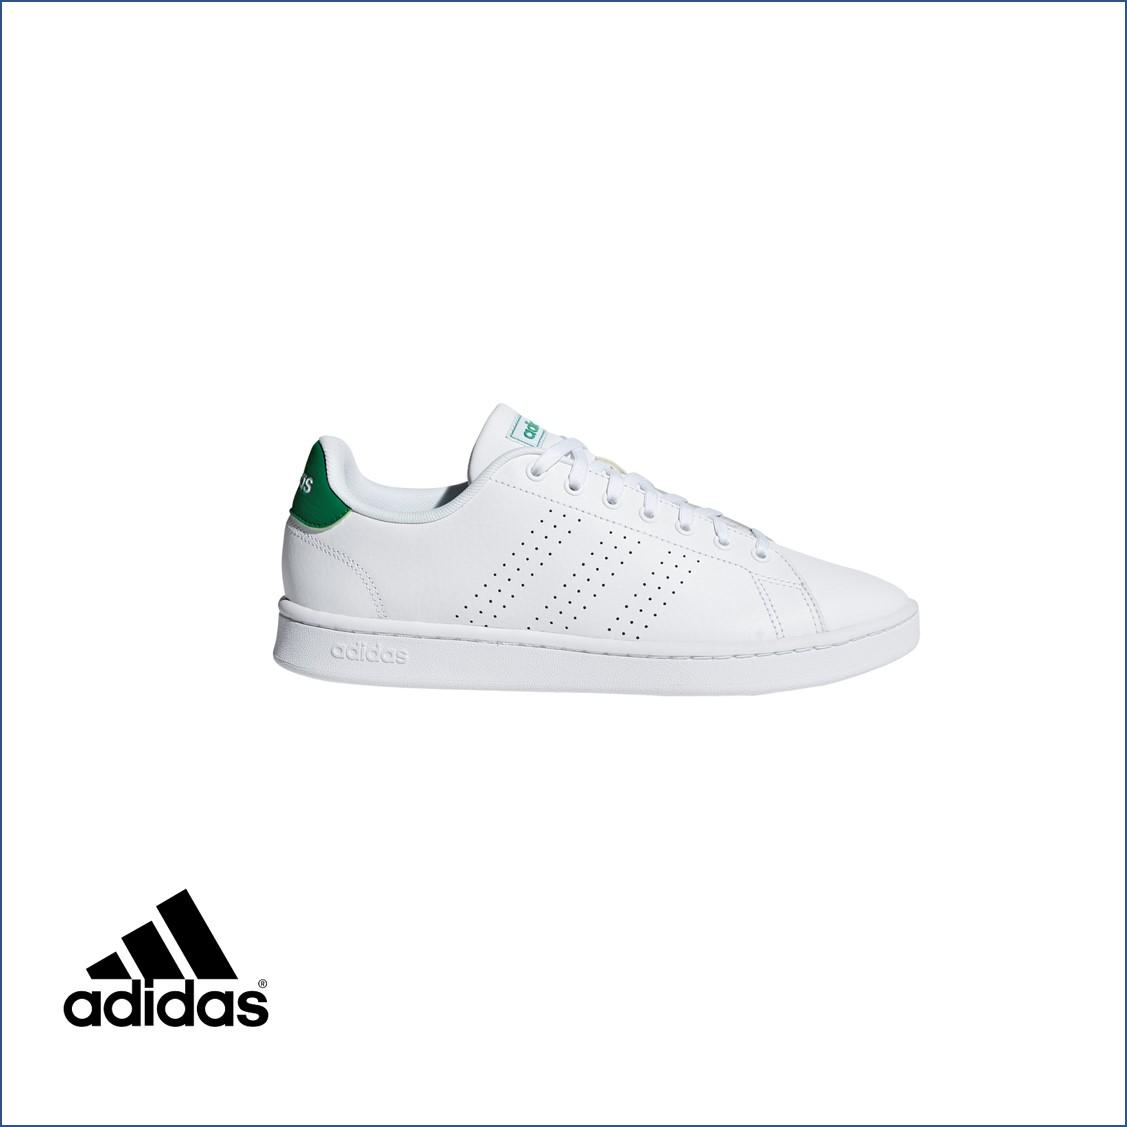 Bảng giá adidas Giày thể thao tennis nam ADVANTAGE F36424